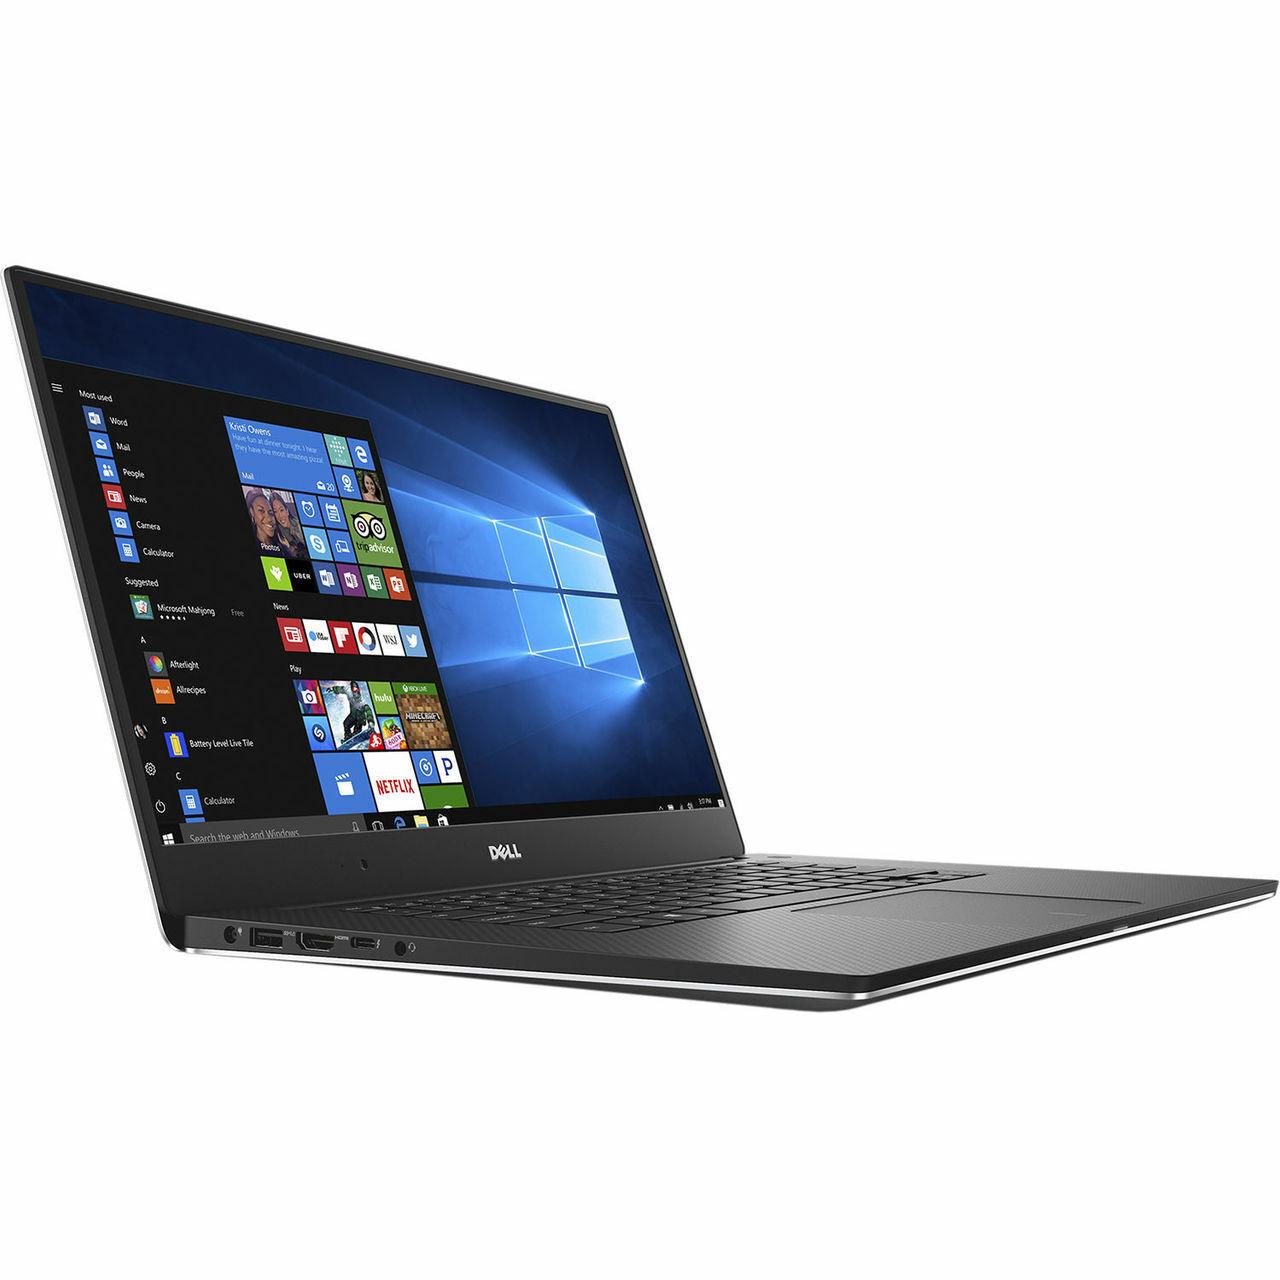 Dell Precision 5520 i7-7820HQ 4K Touch 15 6